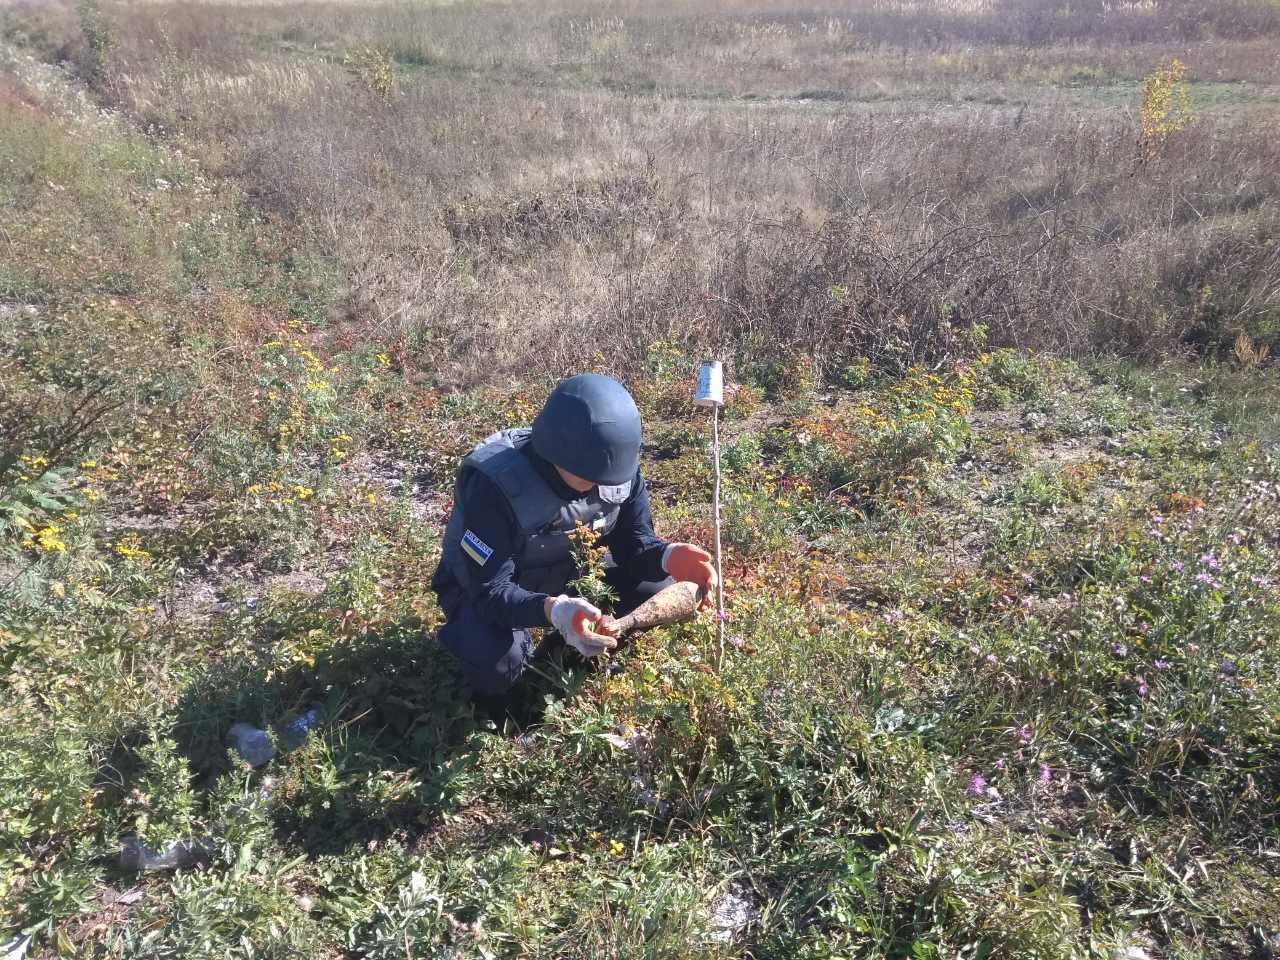 Під час випасання худоби біля села Демичі, що на Ужгородщині, чоловік знайшов міну часів Другої світової війни